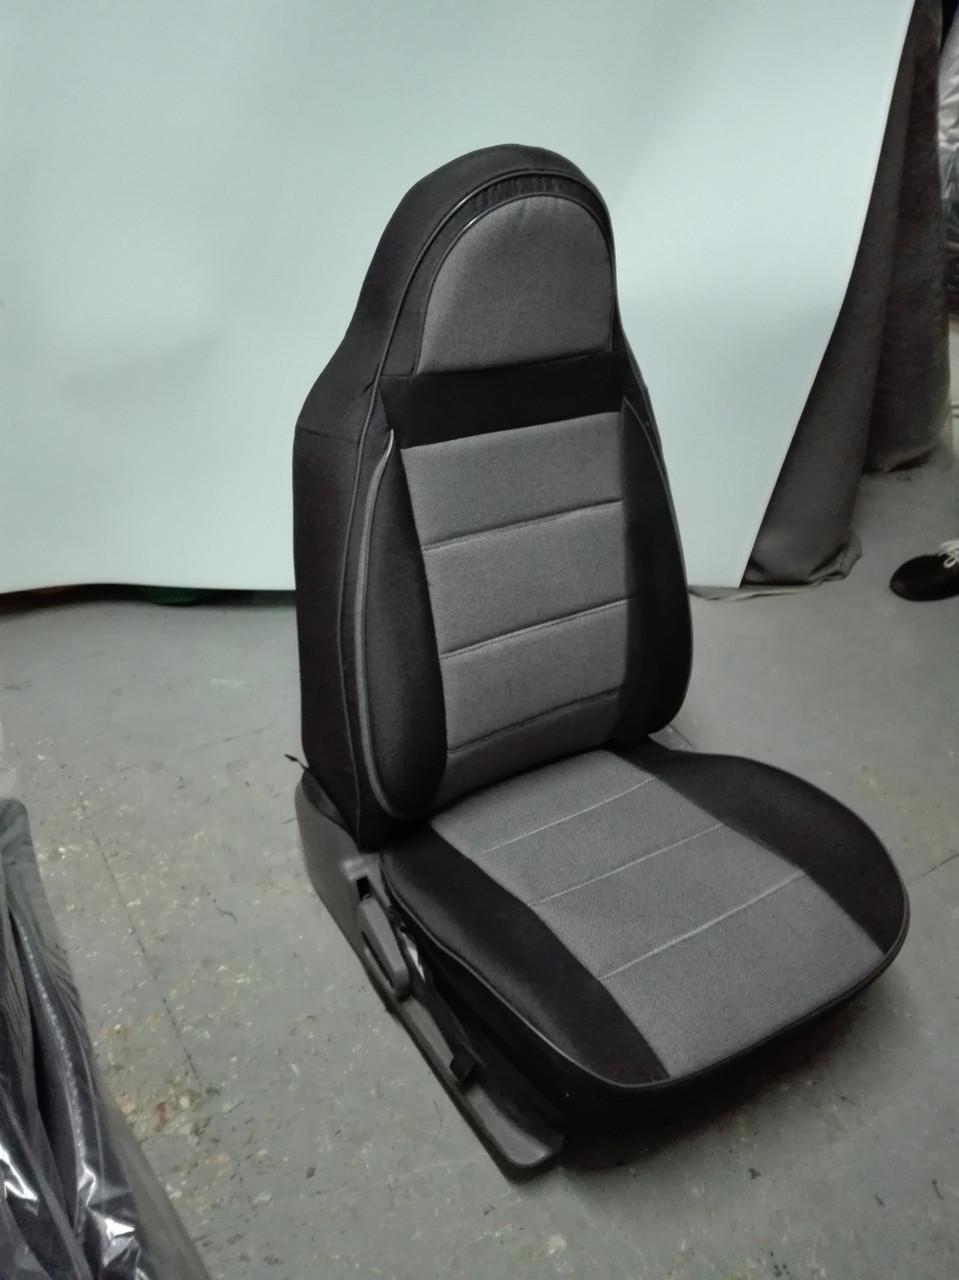 Чехлы на сиденья Ауди 100 С4 (Audi 100 C4) (универсальные, автоткань, пилот)